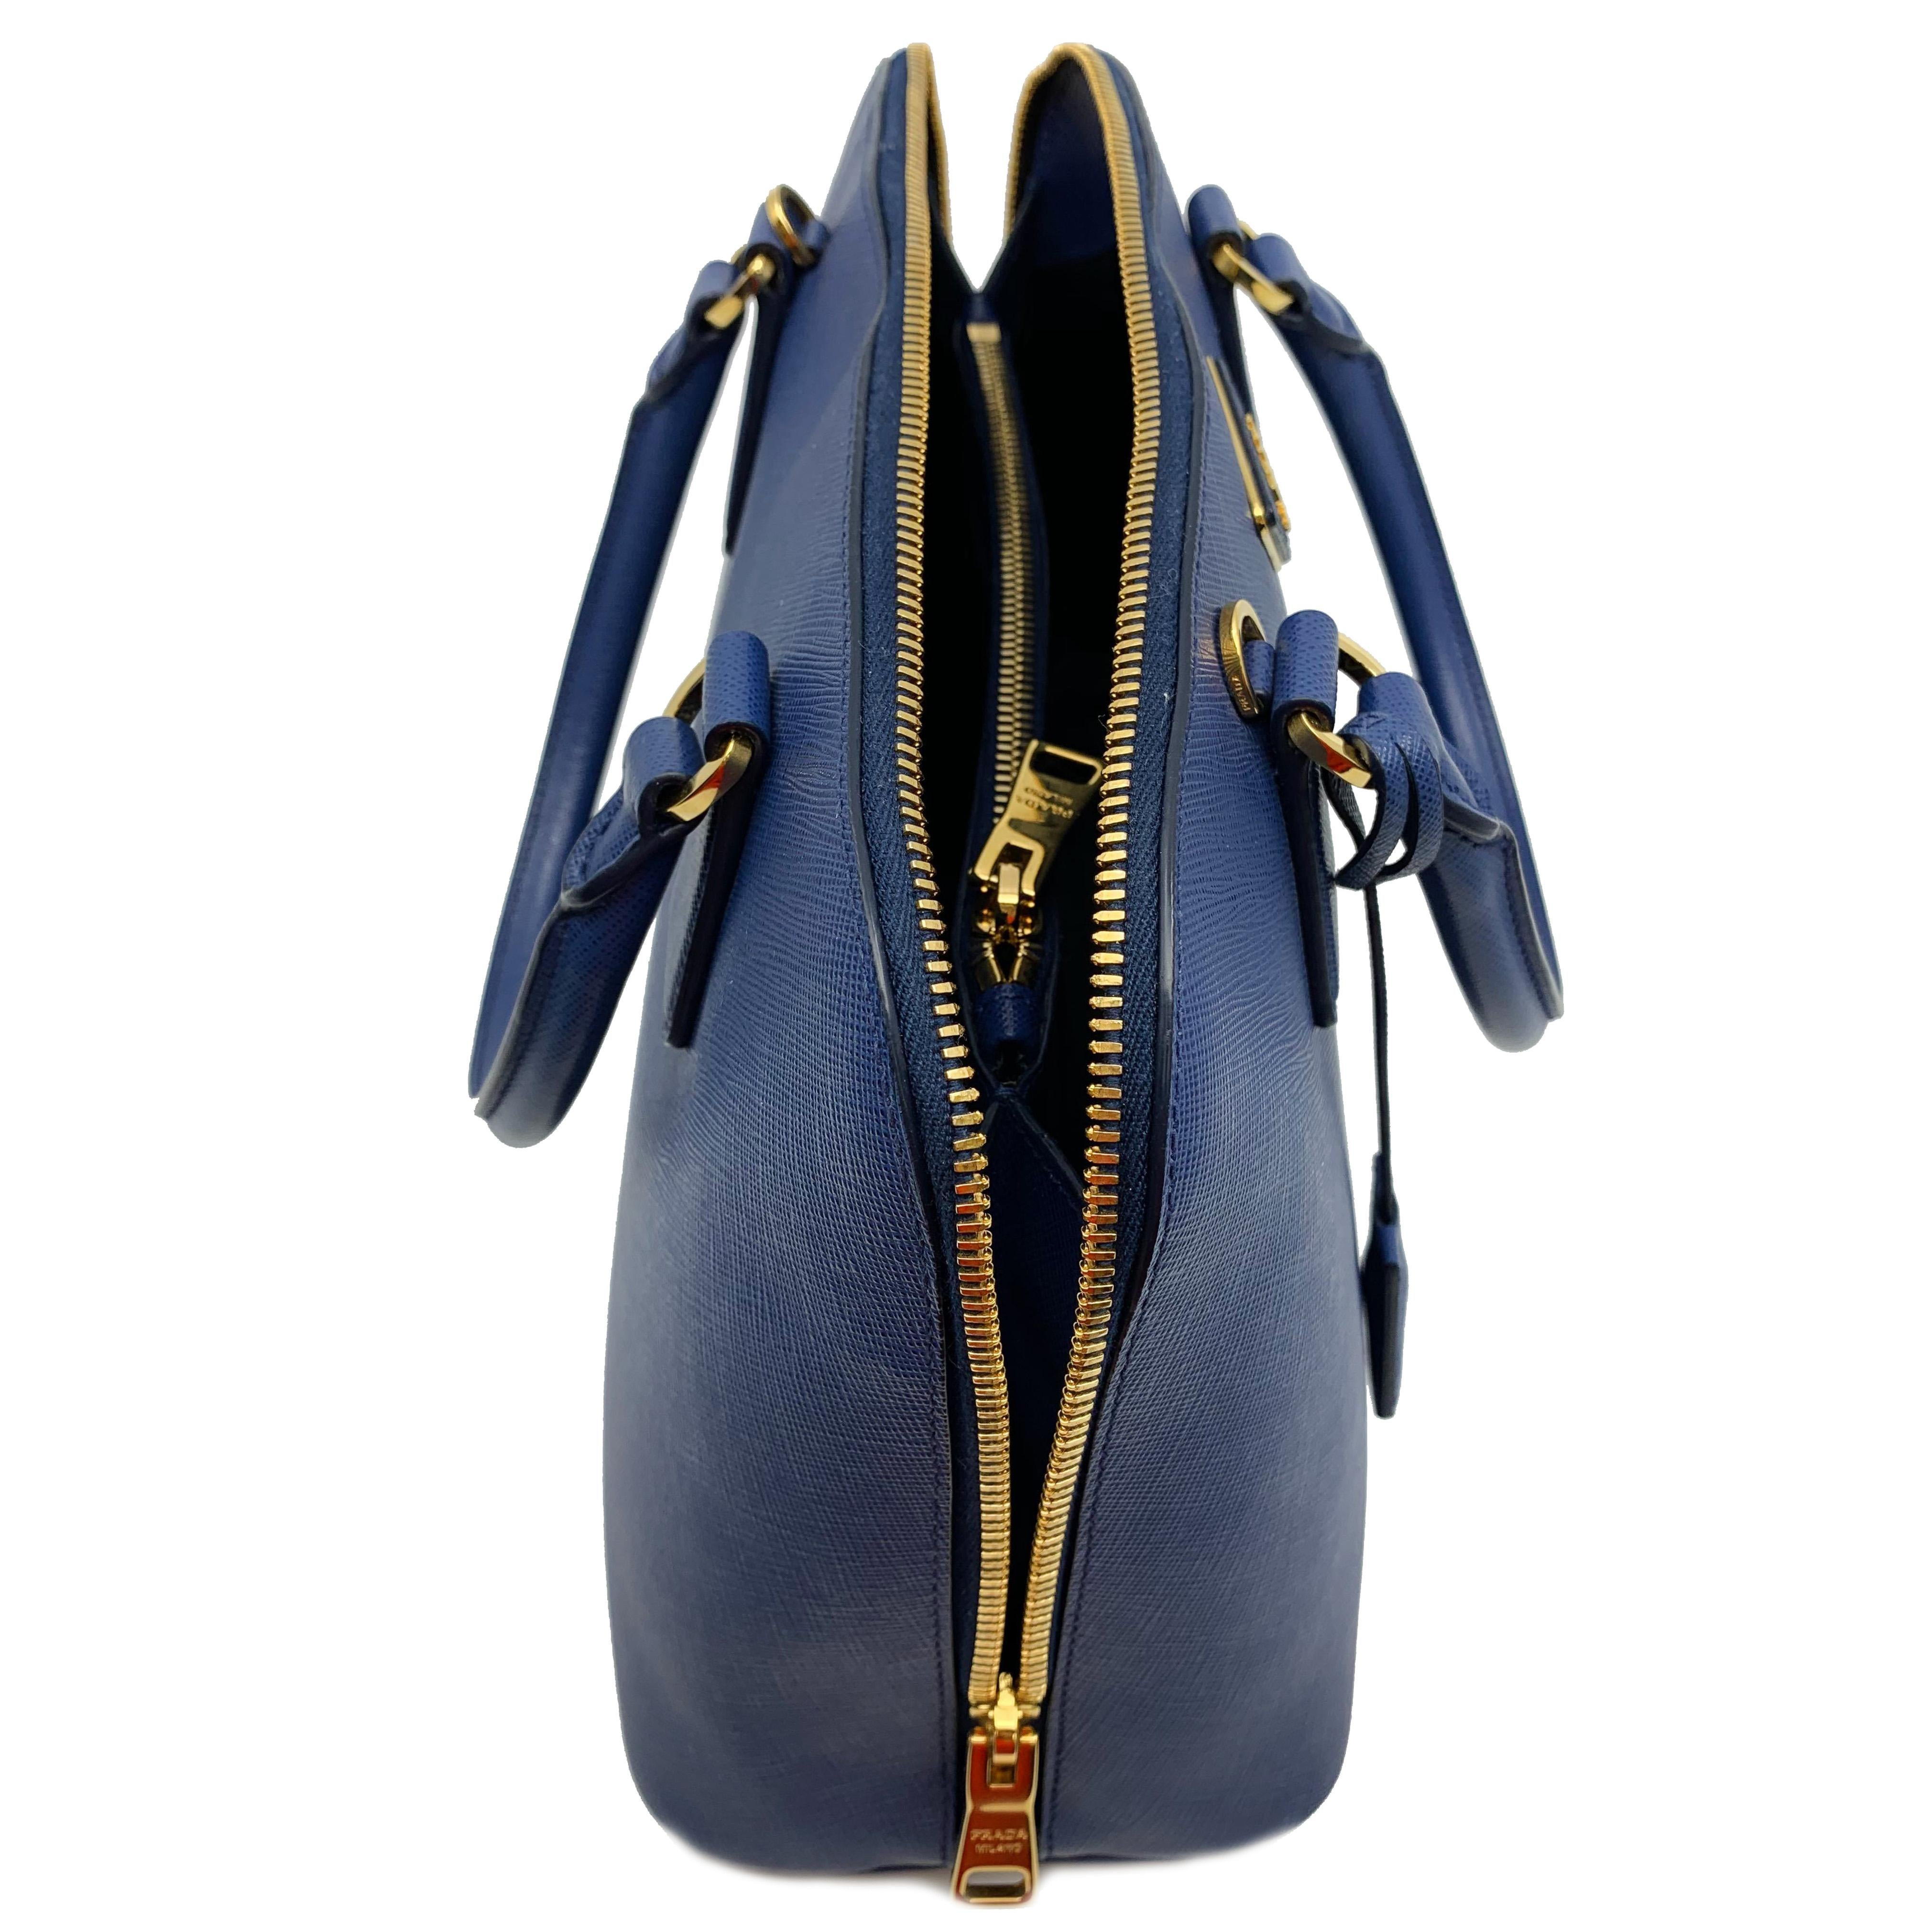 64e90cccbe35 Prada Bluette Saffiano Lux Leather Promenade Satchel Bag 1BA837 F0016 For  Sale at 1stdibs